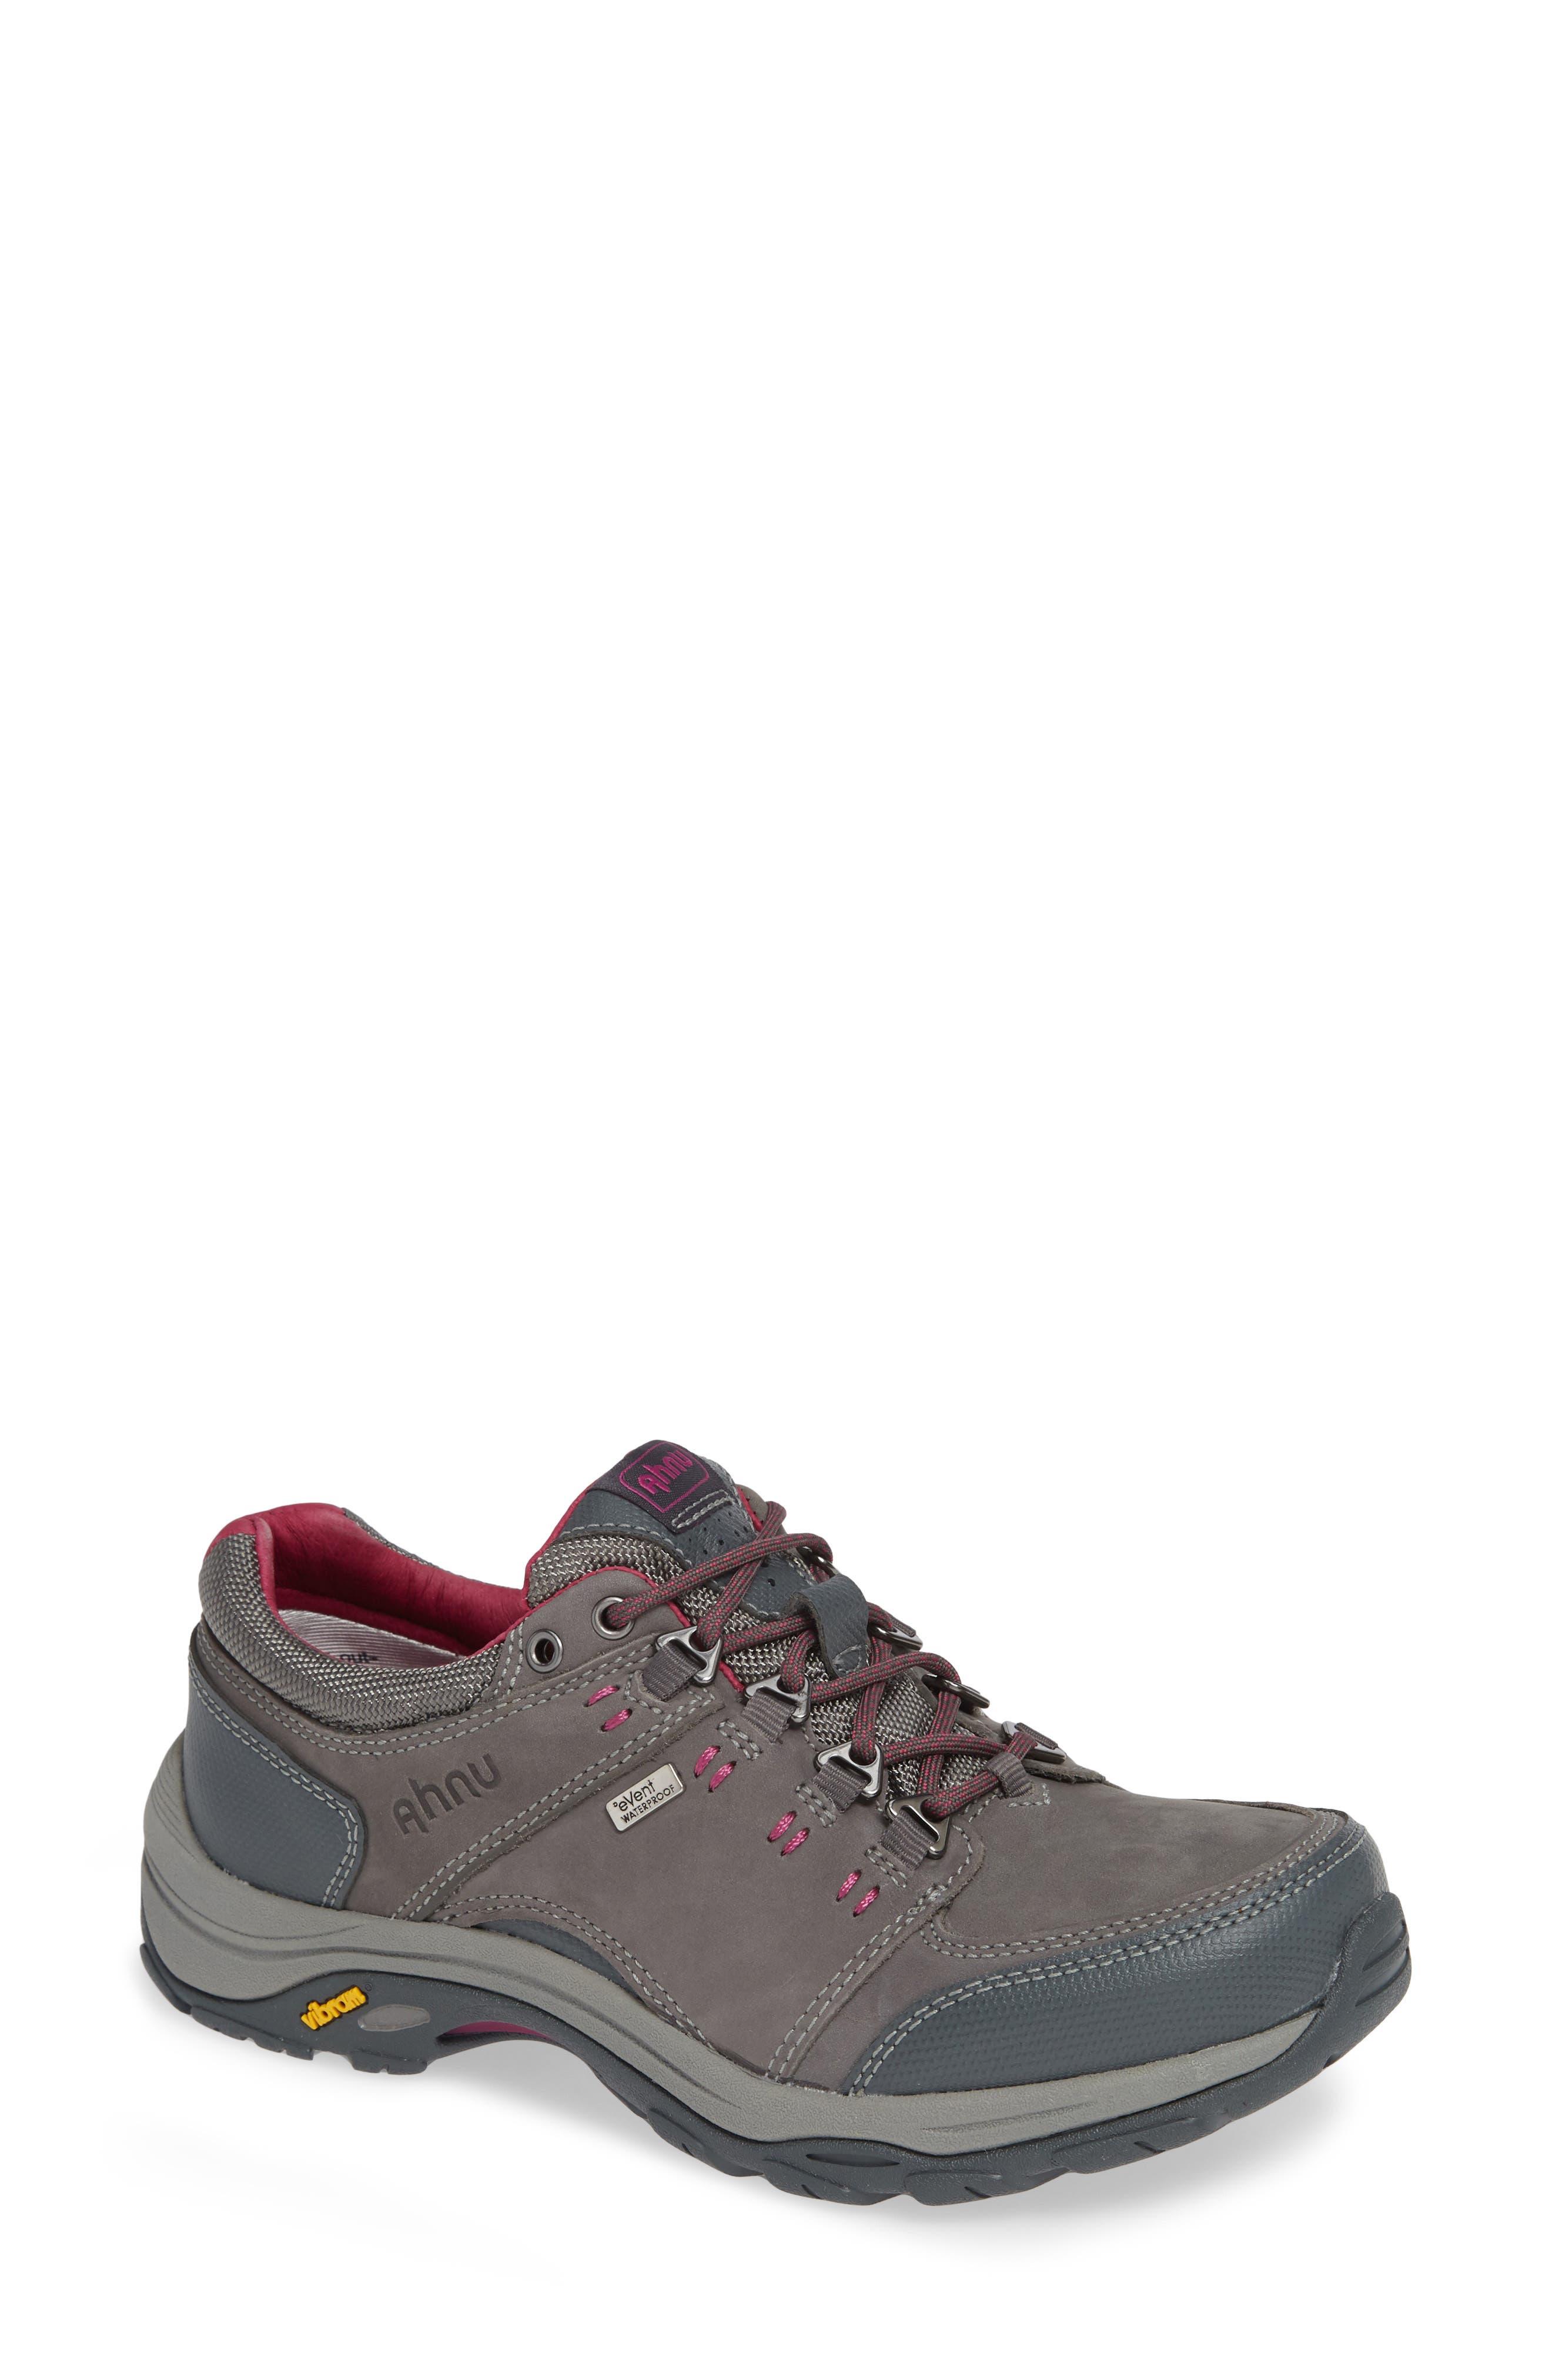 ec5d0ccad63306 Ahnu By Teva Montara Iii Waterproof Hiking Sneaker